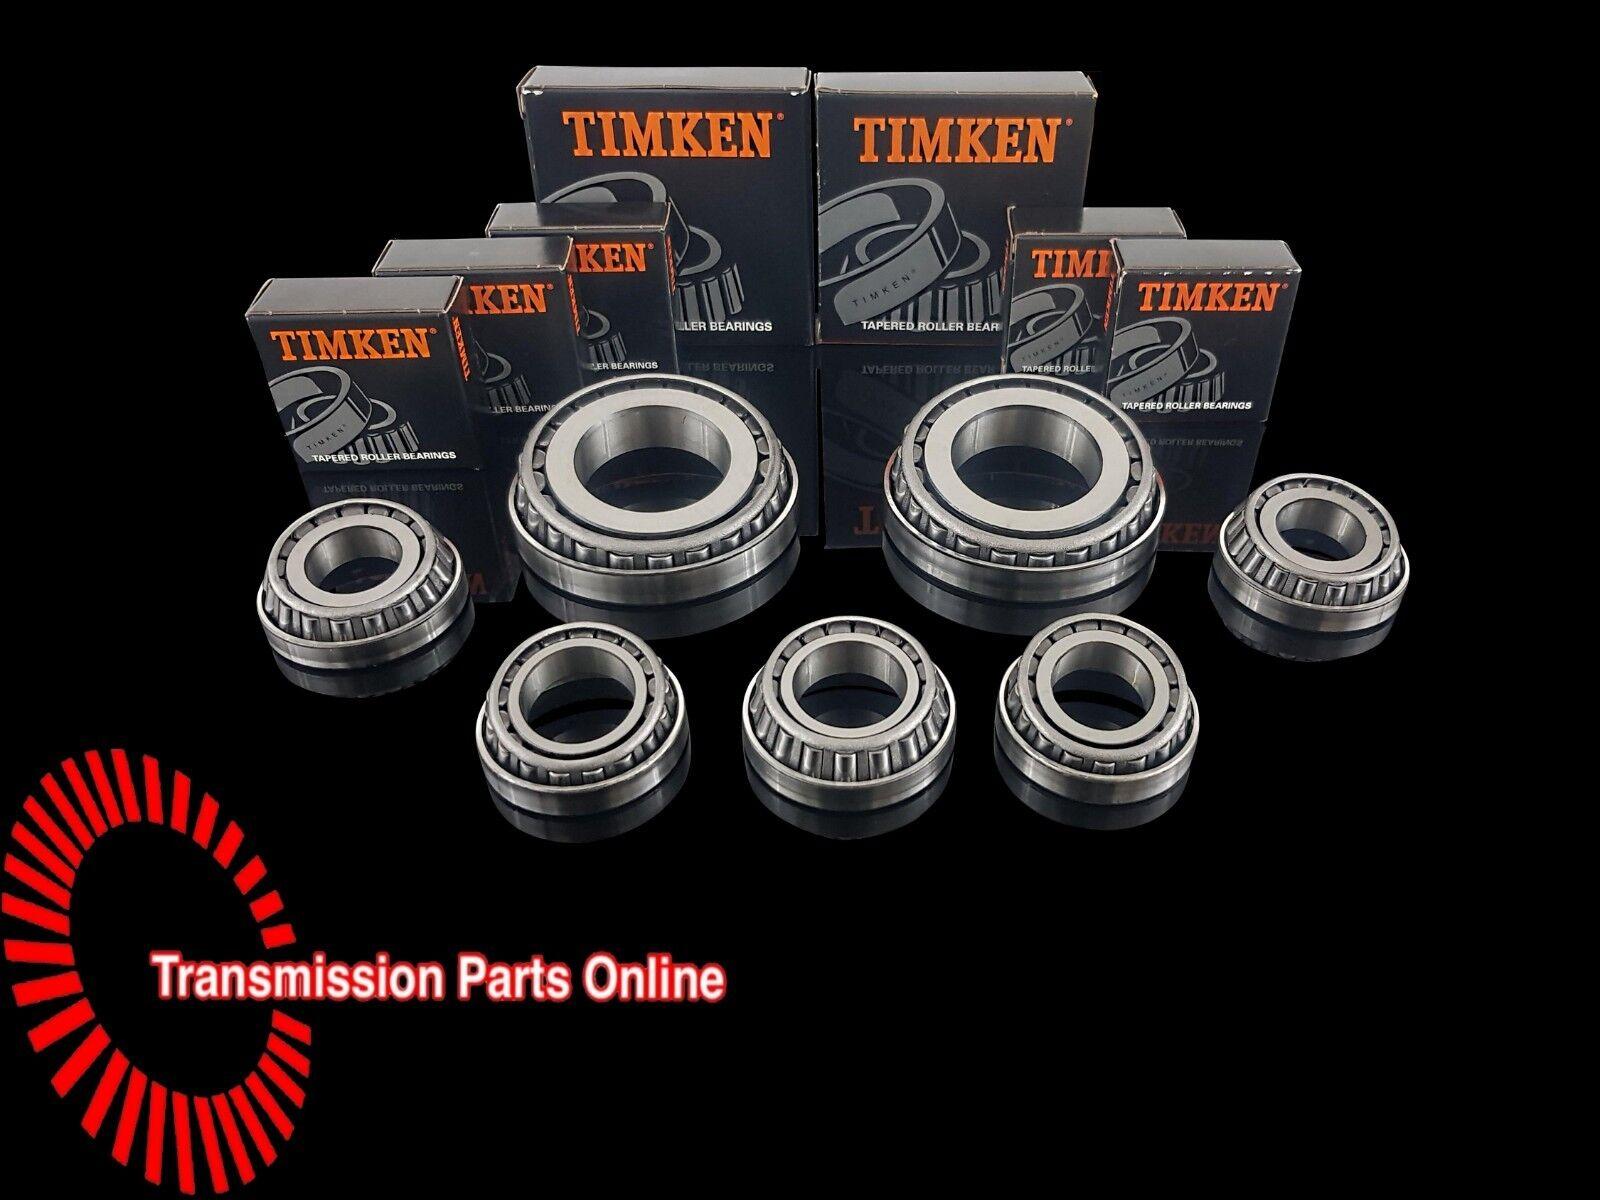 M32 Gearbox Bearing Rebuild Kit Réparation TIMKEN 8 Roulements 4 joints 25 mm entrée